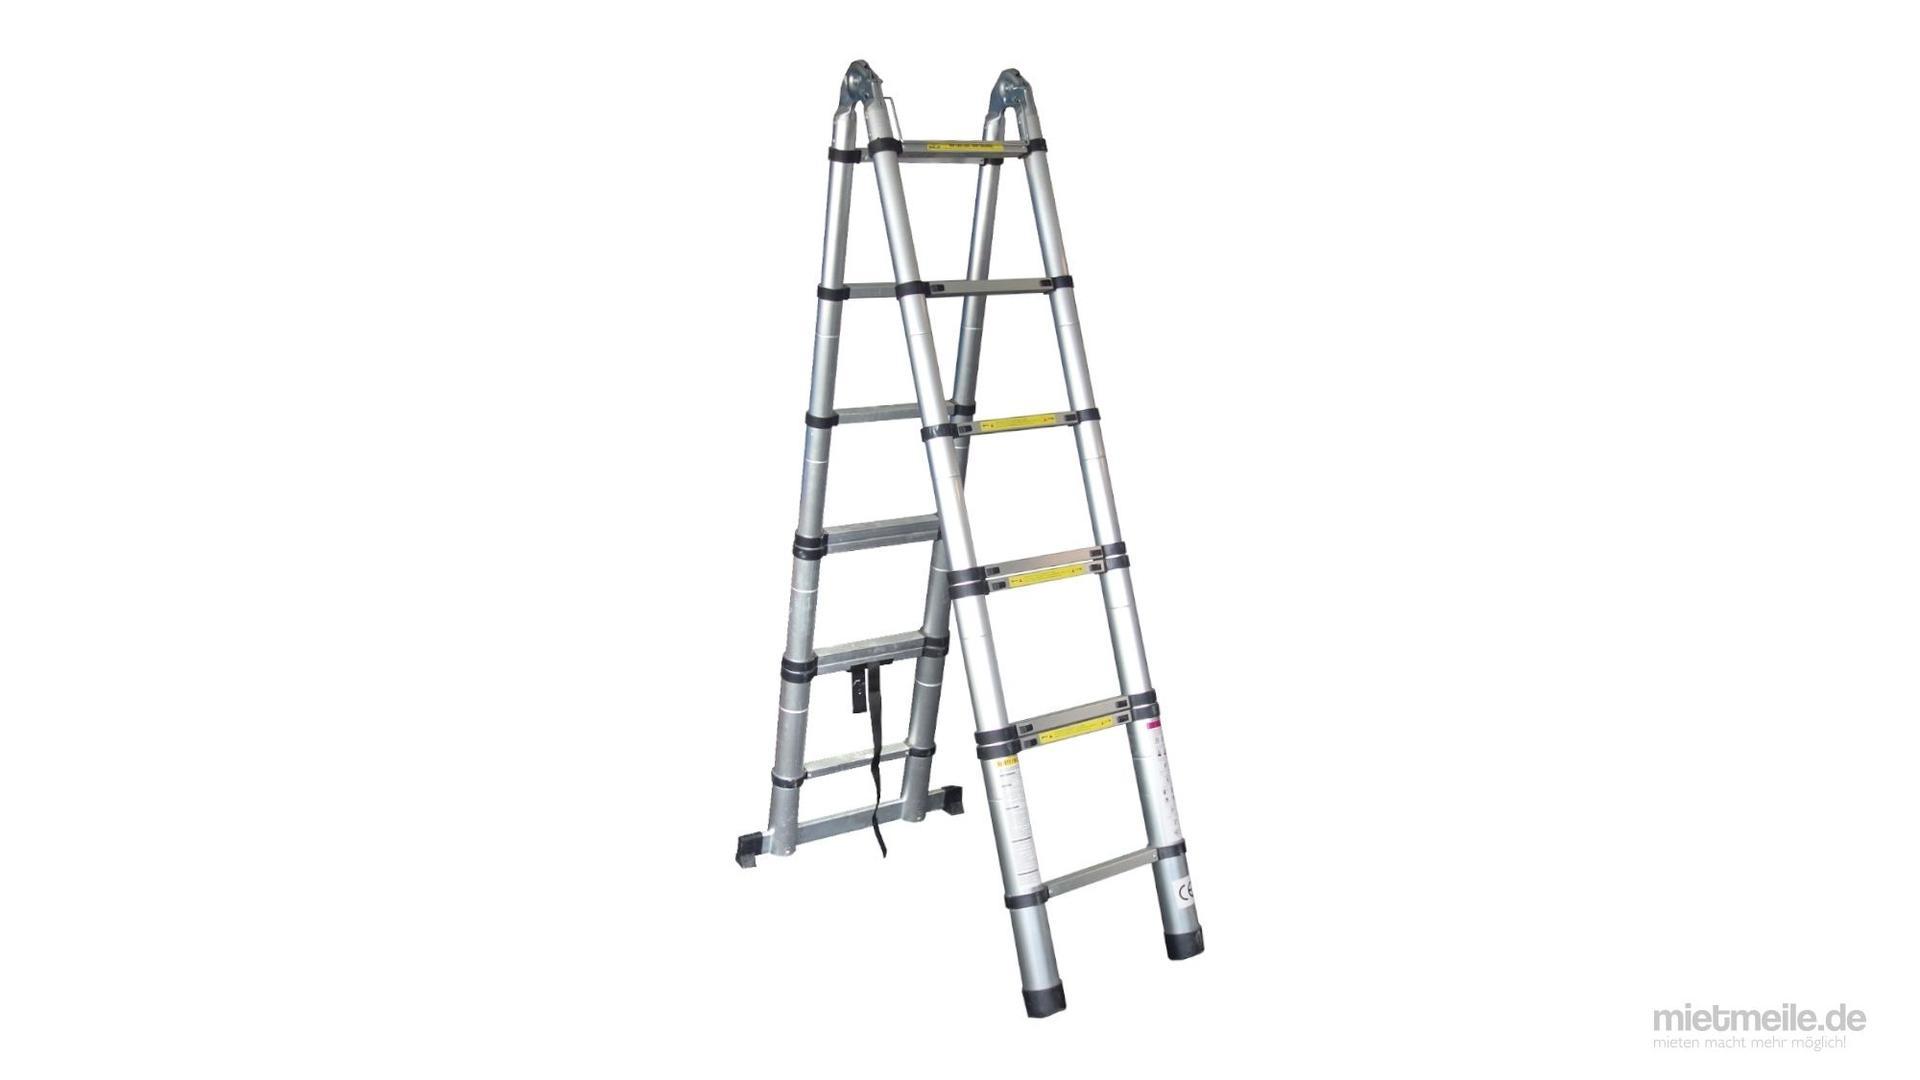 Leiter mieten & vermieten - Teleskop-Leiter Stand-Leiter Treppenleiter 8x2 in Schkeuditz